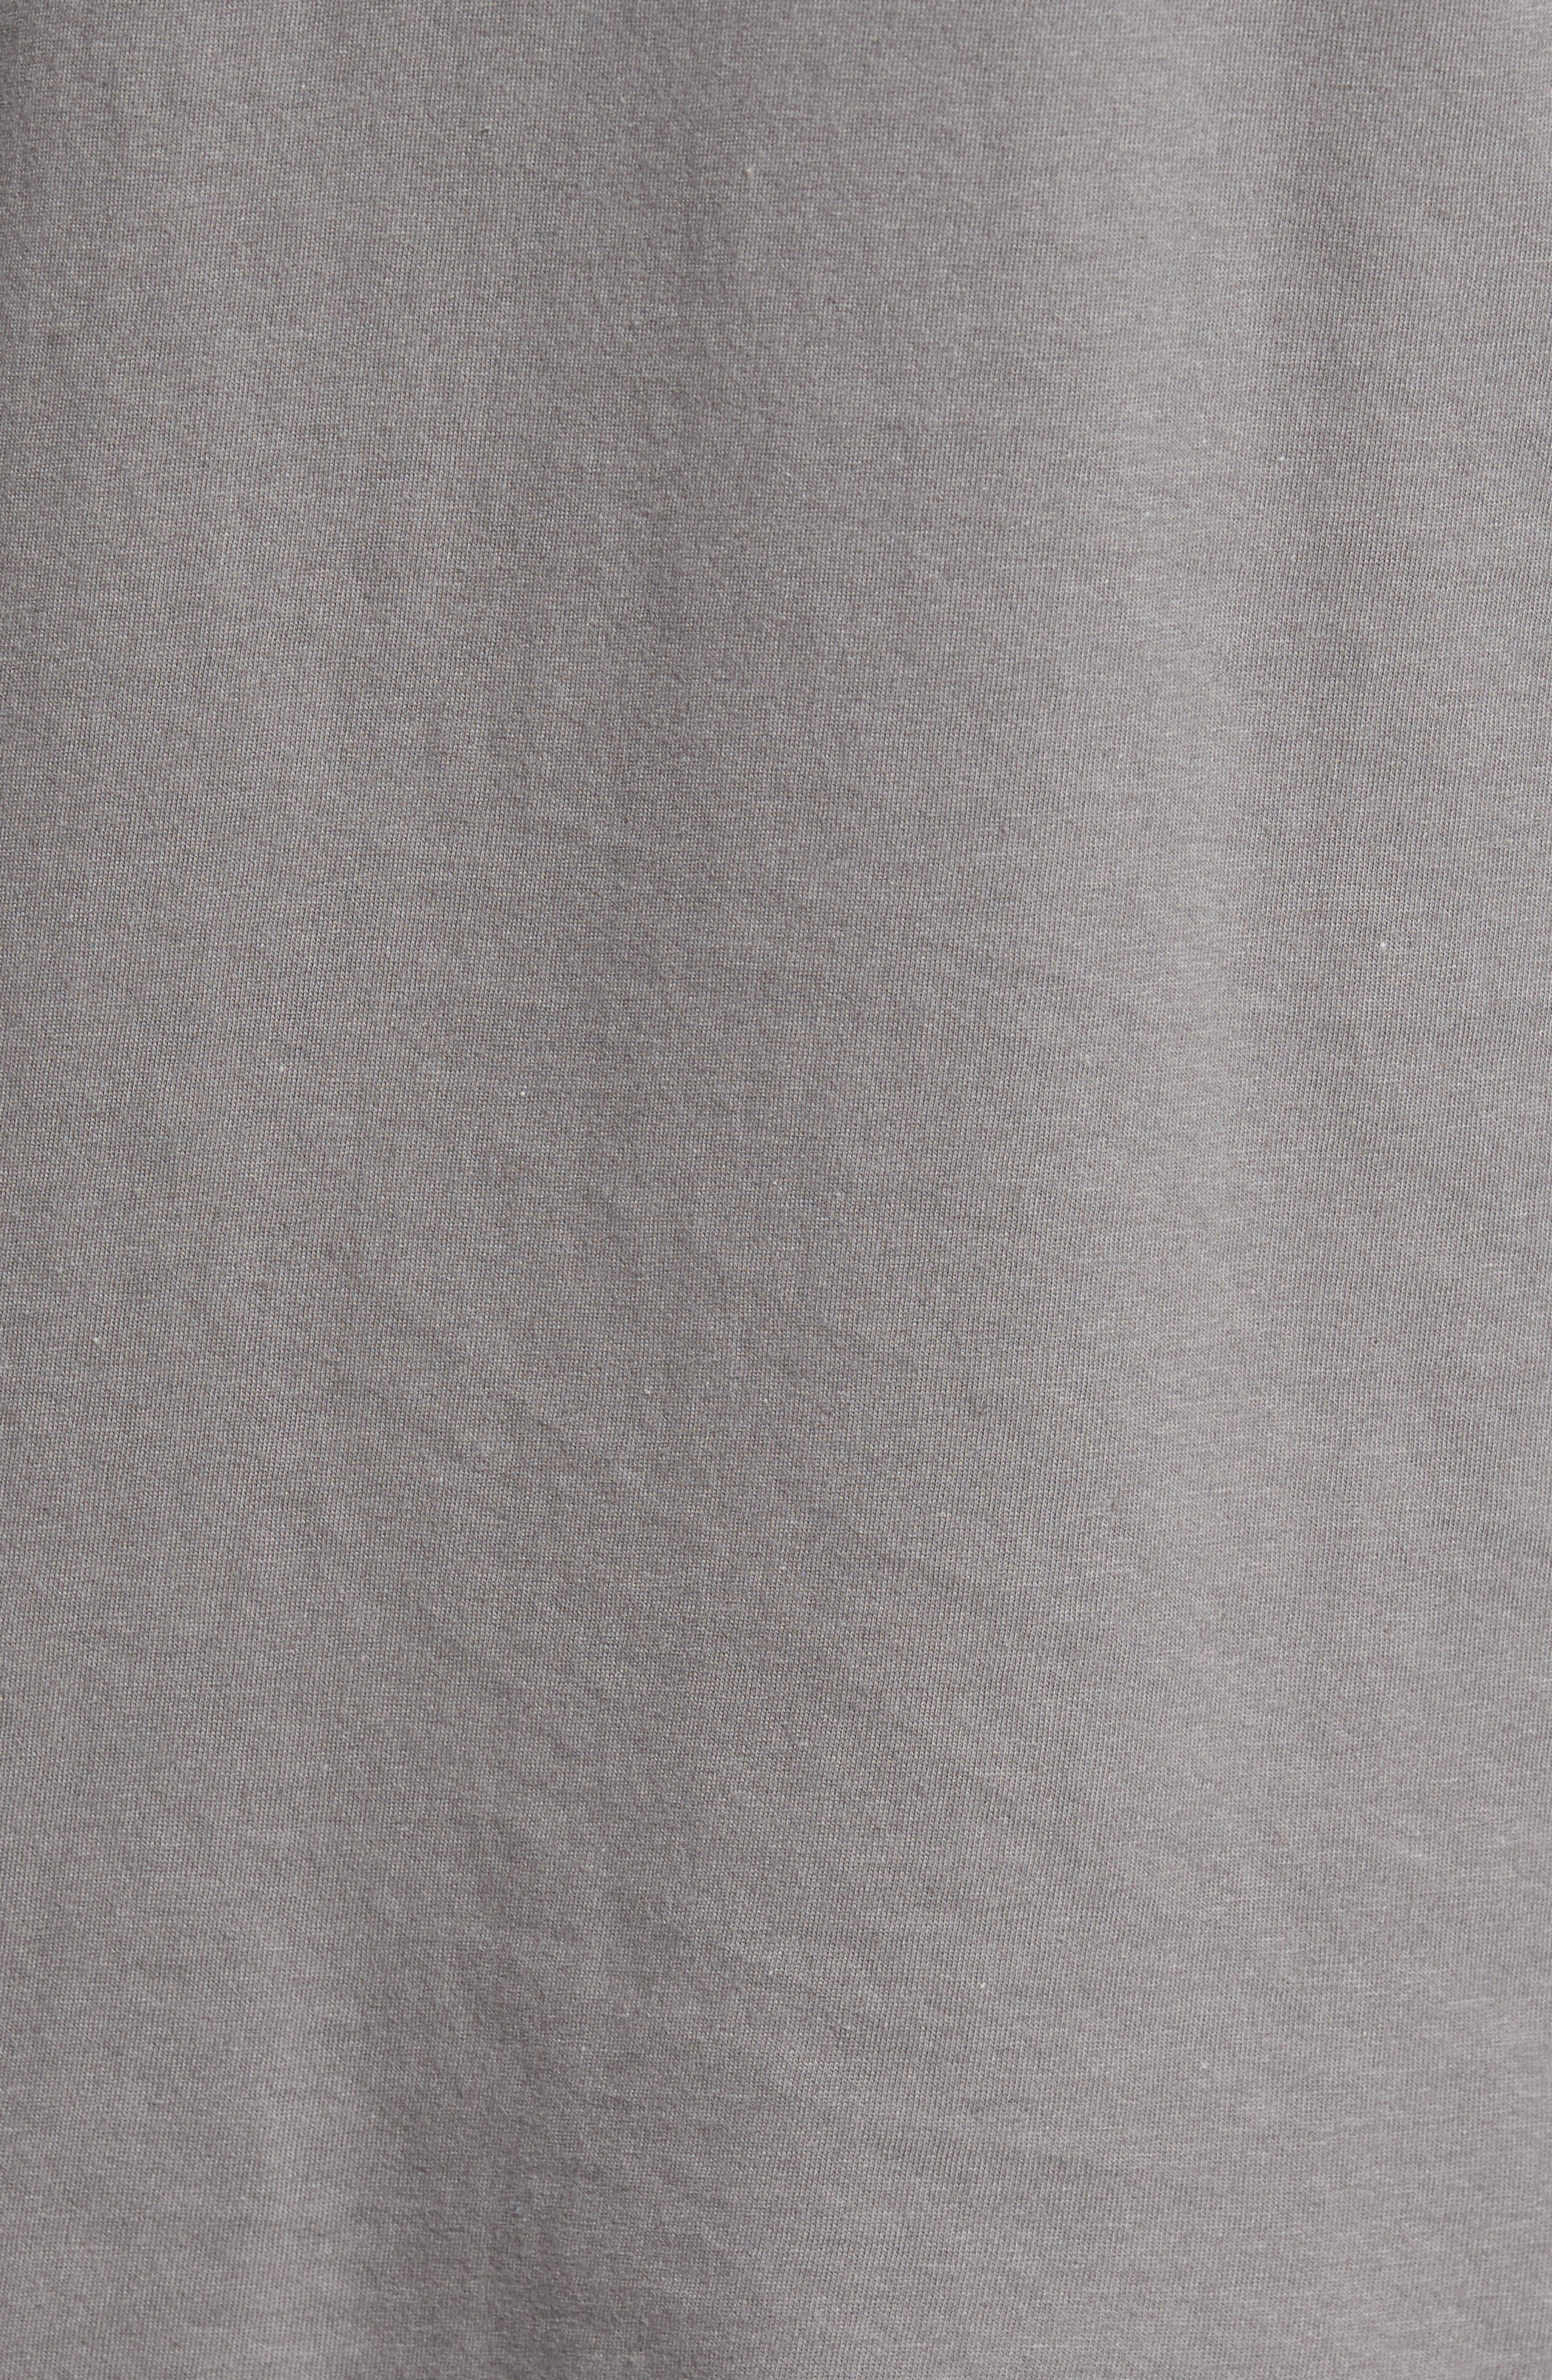 Gnome T-Shirt,                             Alternate thumbnail 5, color,                             Grey Gnome